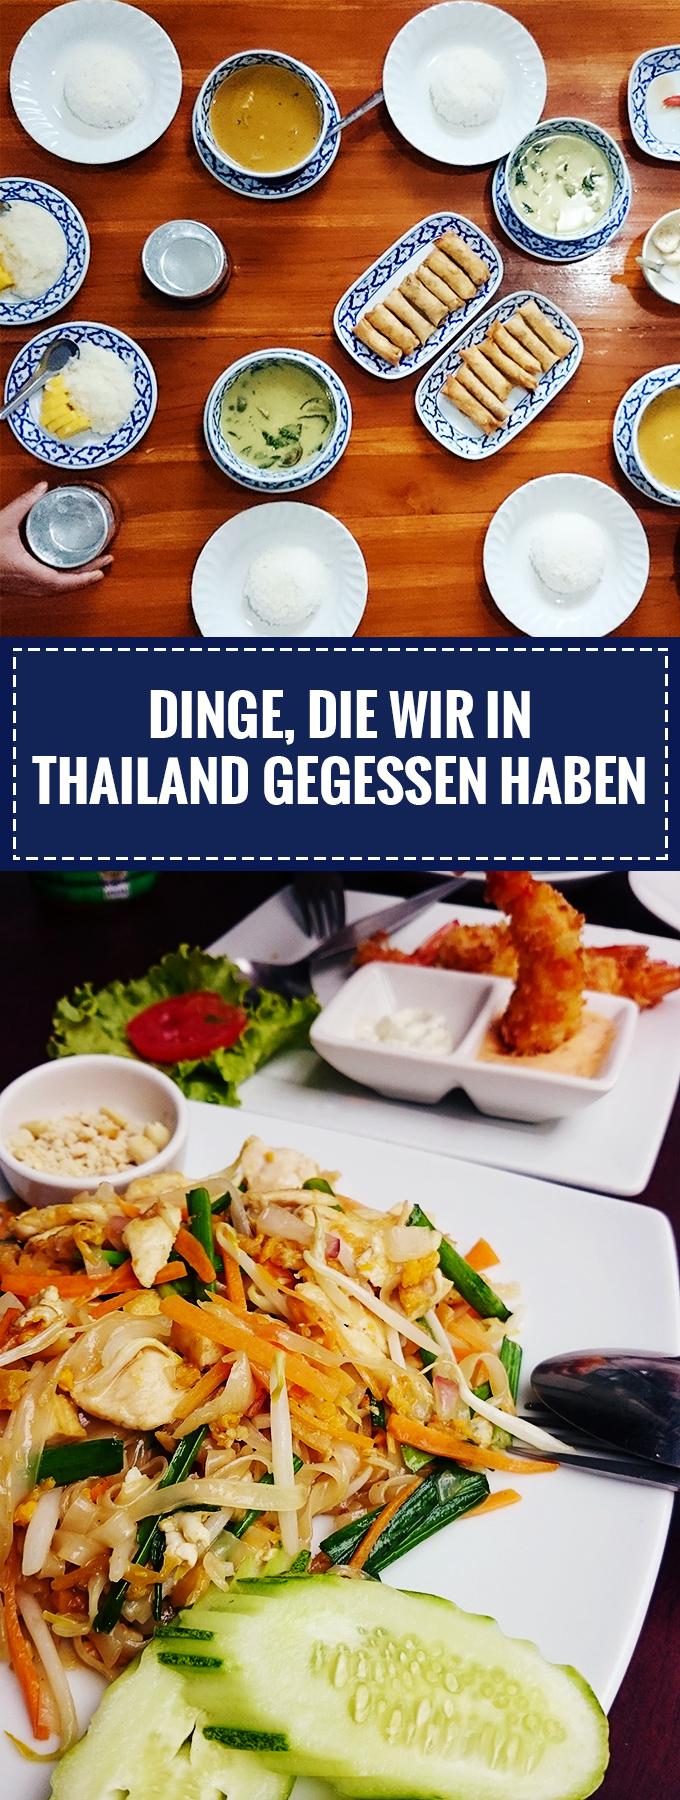 Foodblog // Dinge, die wir in Thailand gegessen haben // Knabberkult.de